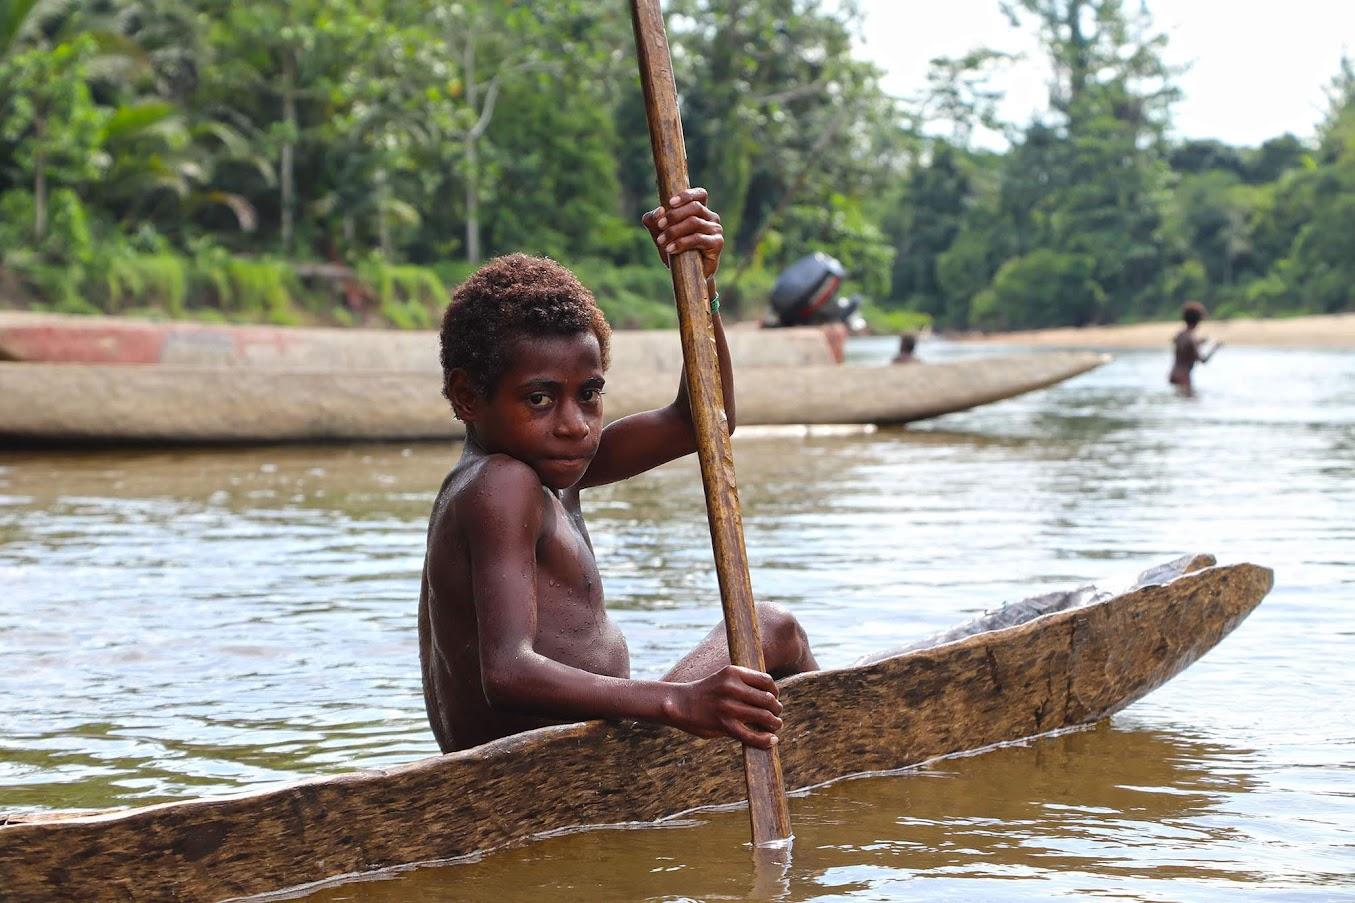 VISTO PARA A PAPUA NOVA GUINÉ | Tudo o que precisa de saber para tirar o visto online ou na Indonésia